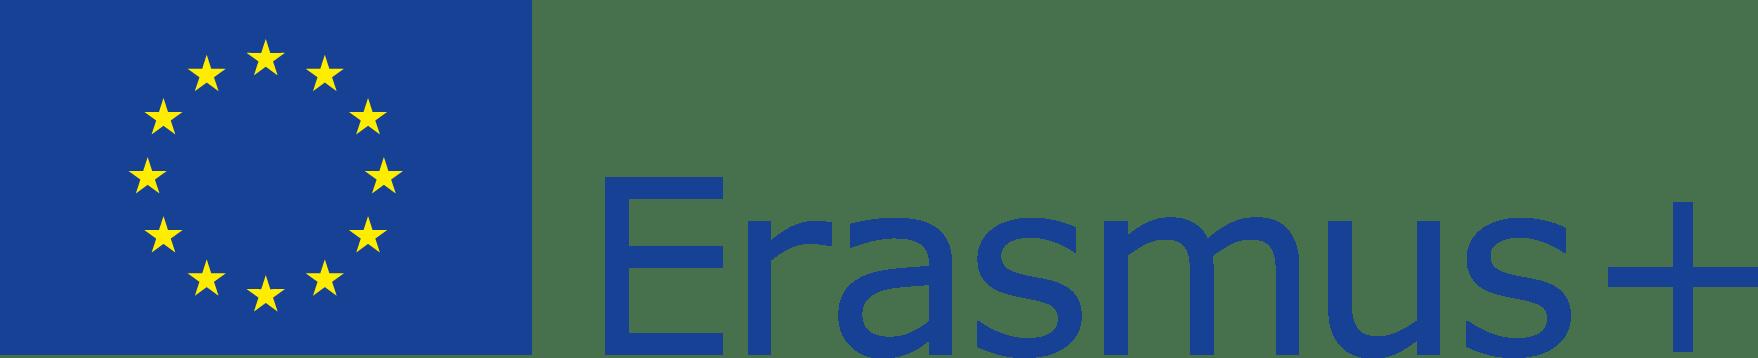 Eramsus+ logo